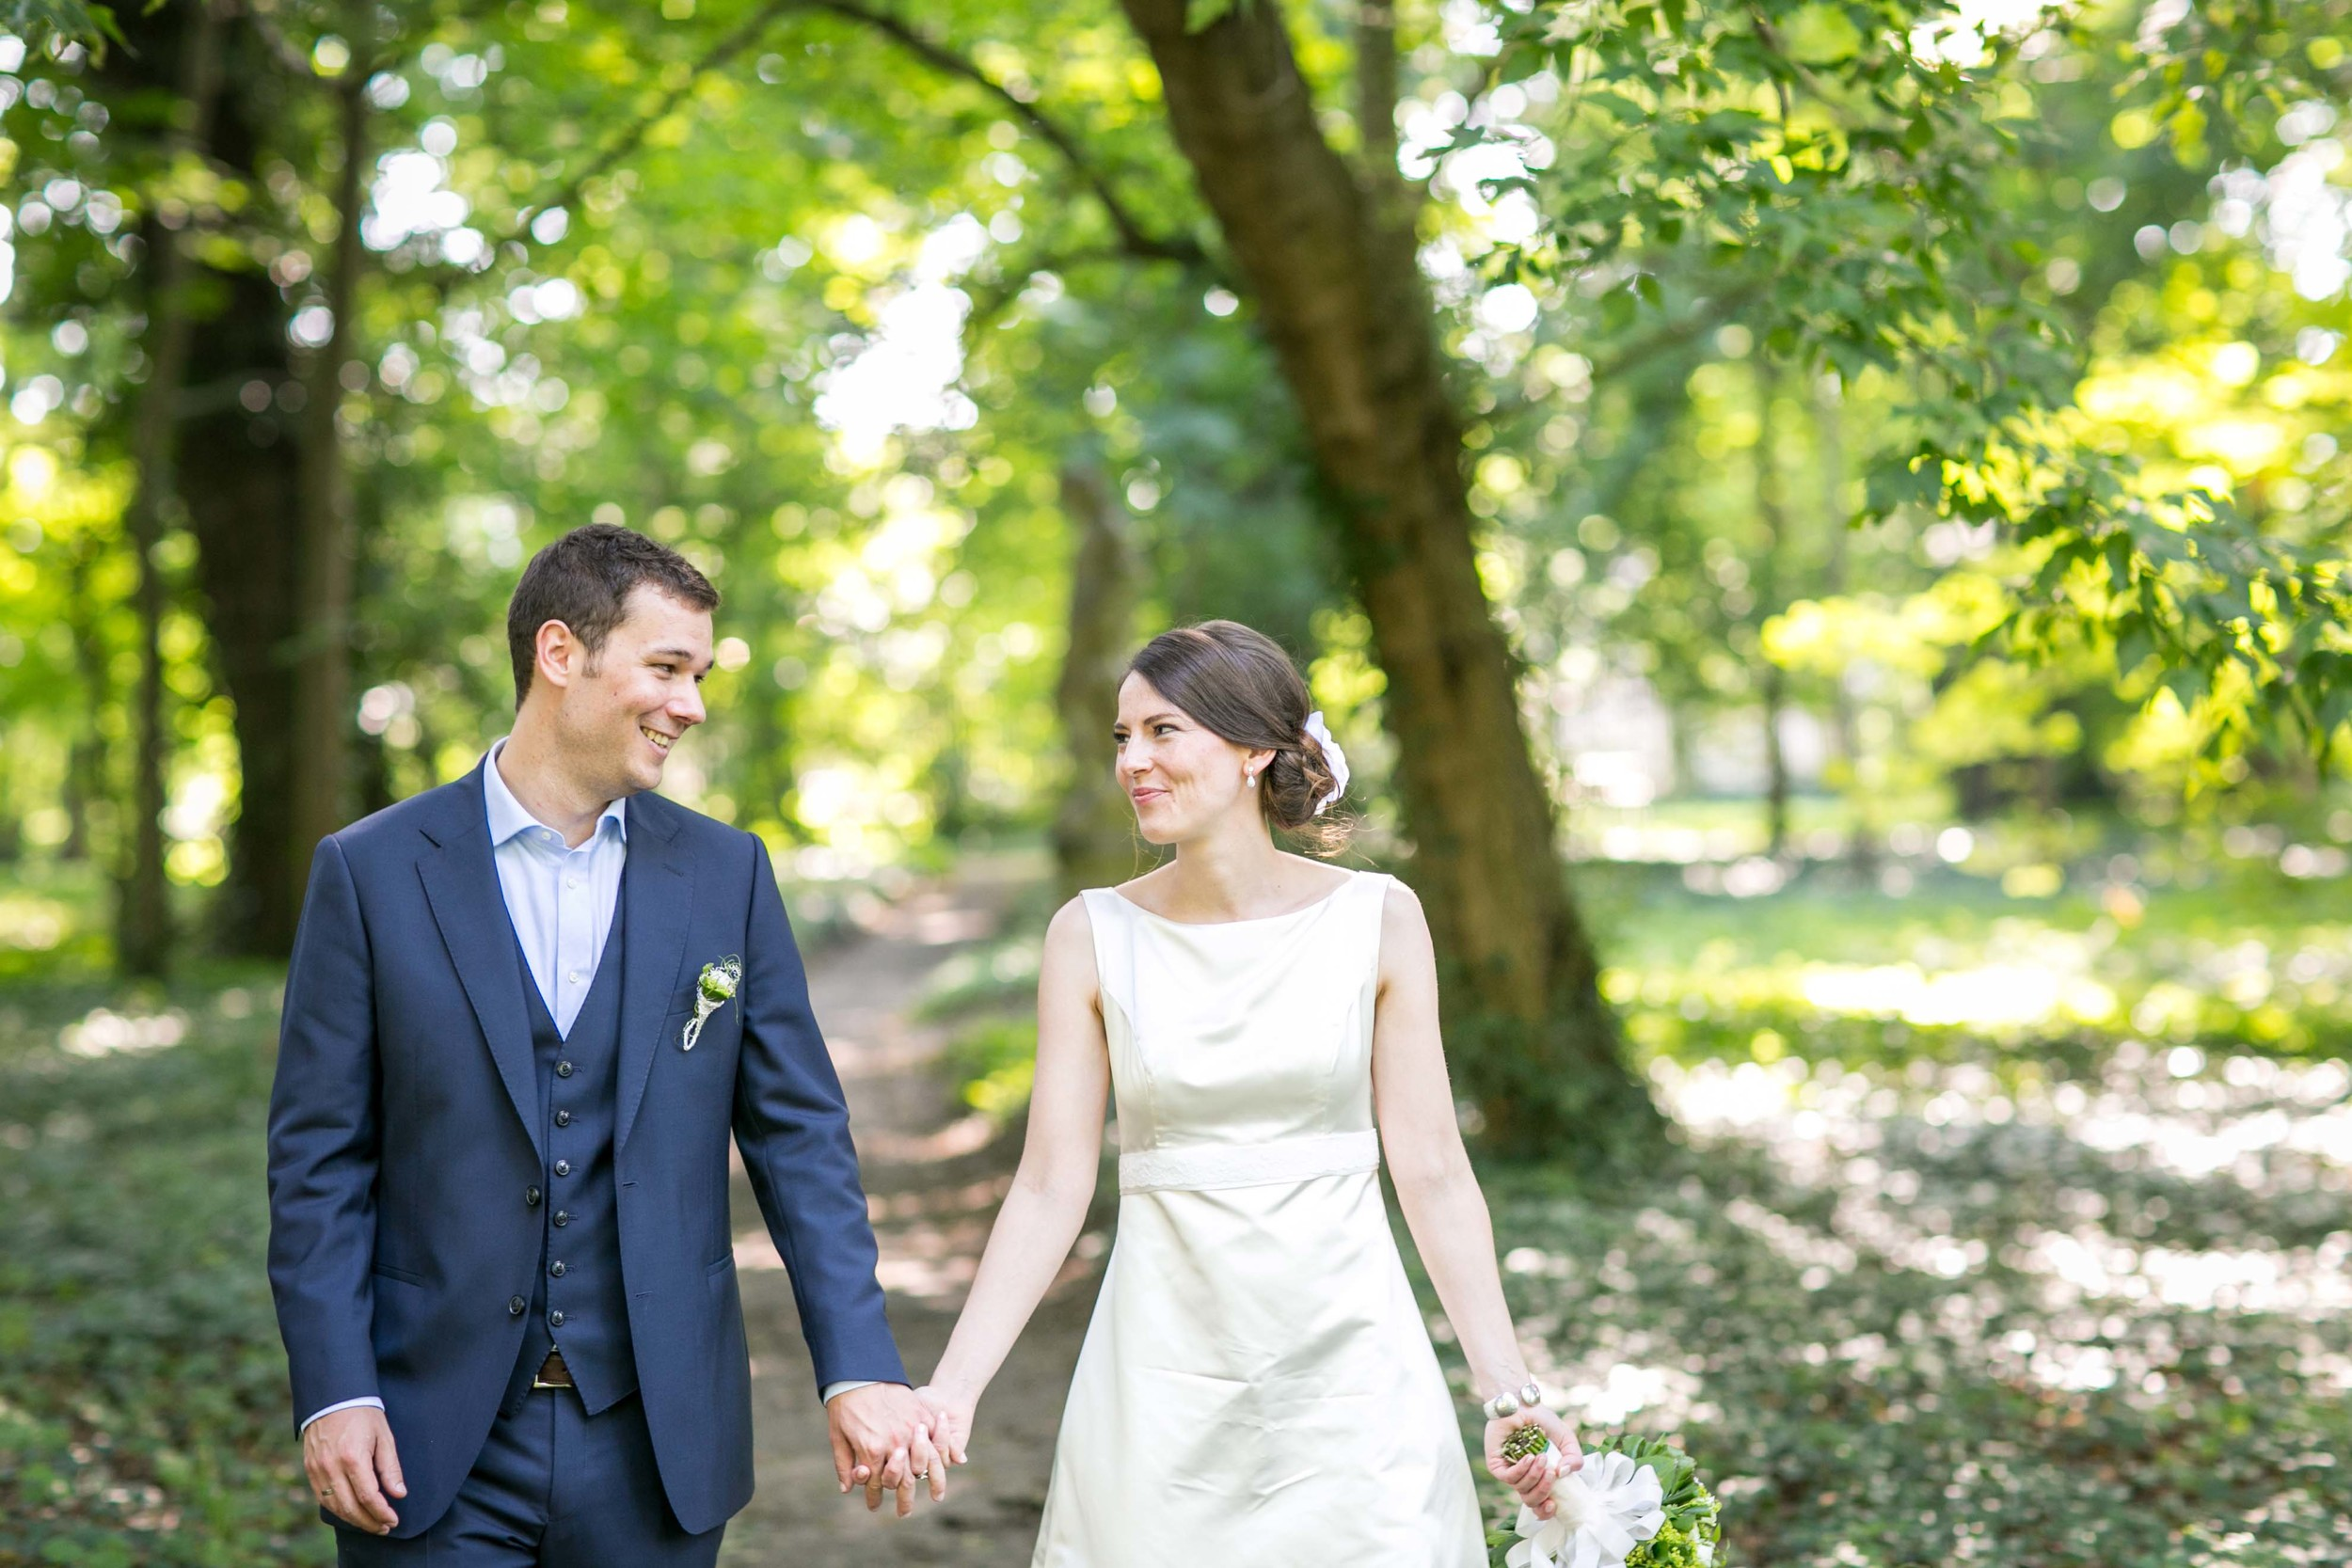 Hochzeit Schloß Blankensee Berlin_Fran Burrows-72.jpg